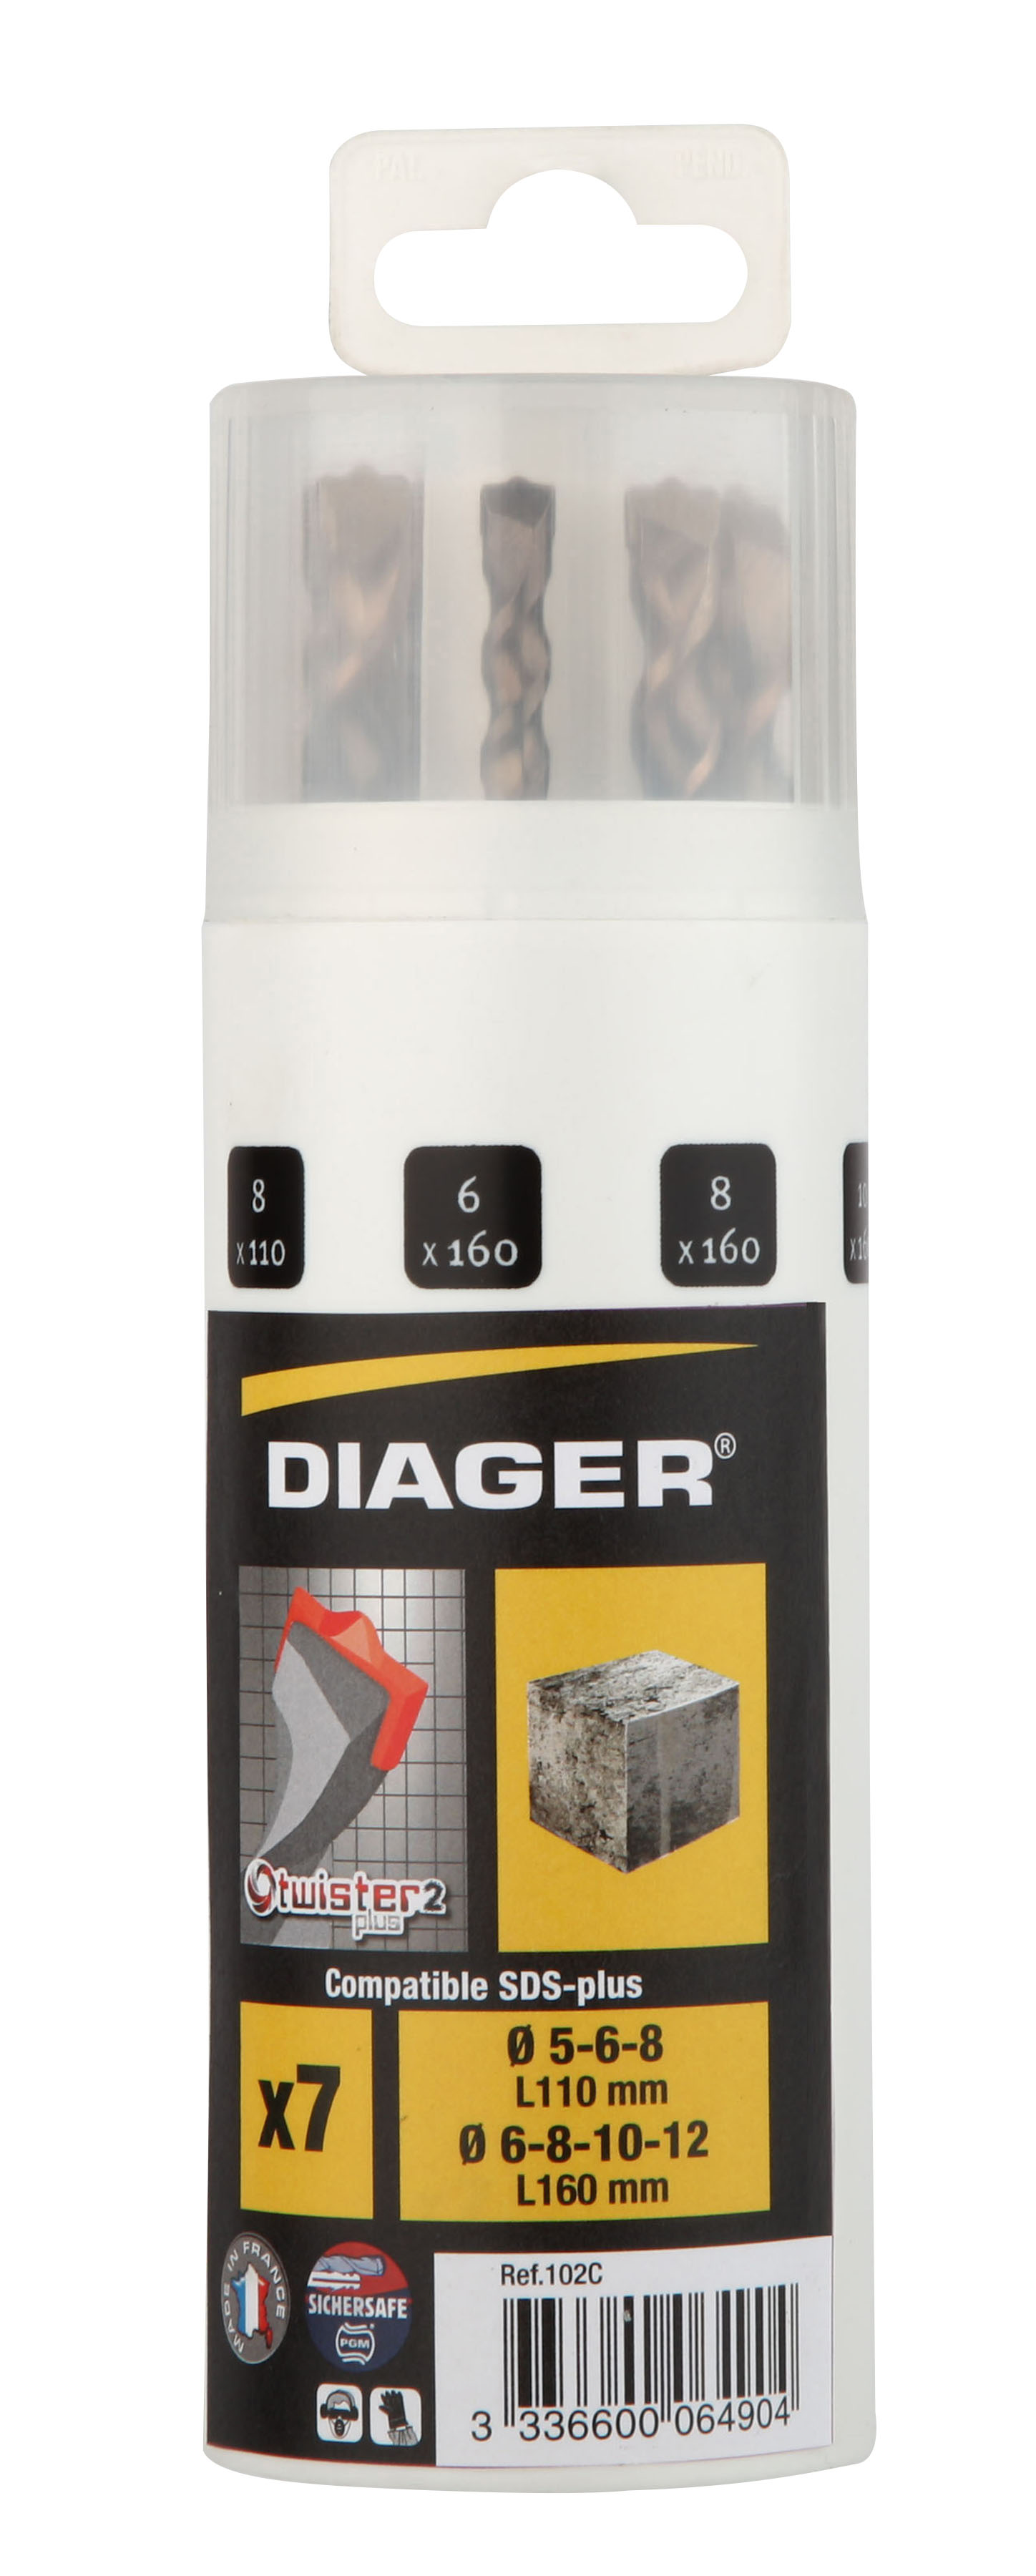 Perçage Twister Plus Coff plast. 7pcs Twister-plus L110 Ø5-6-8 L160 Ø6-8-10-12 - 102C.jpg